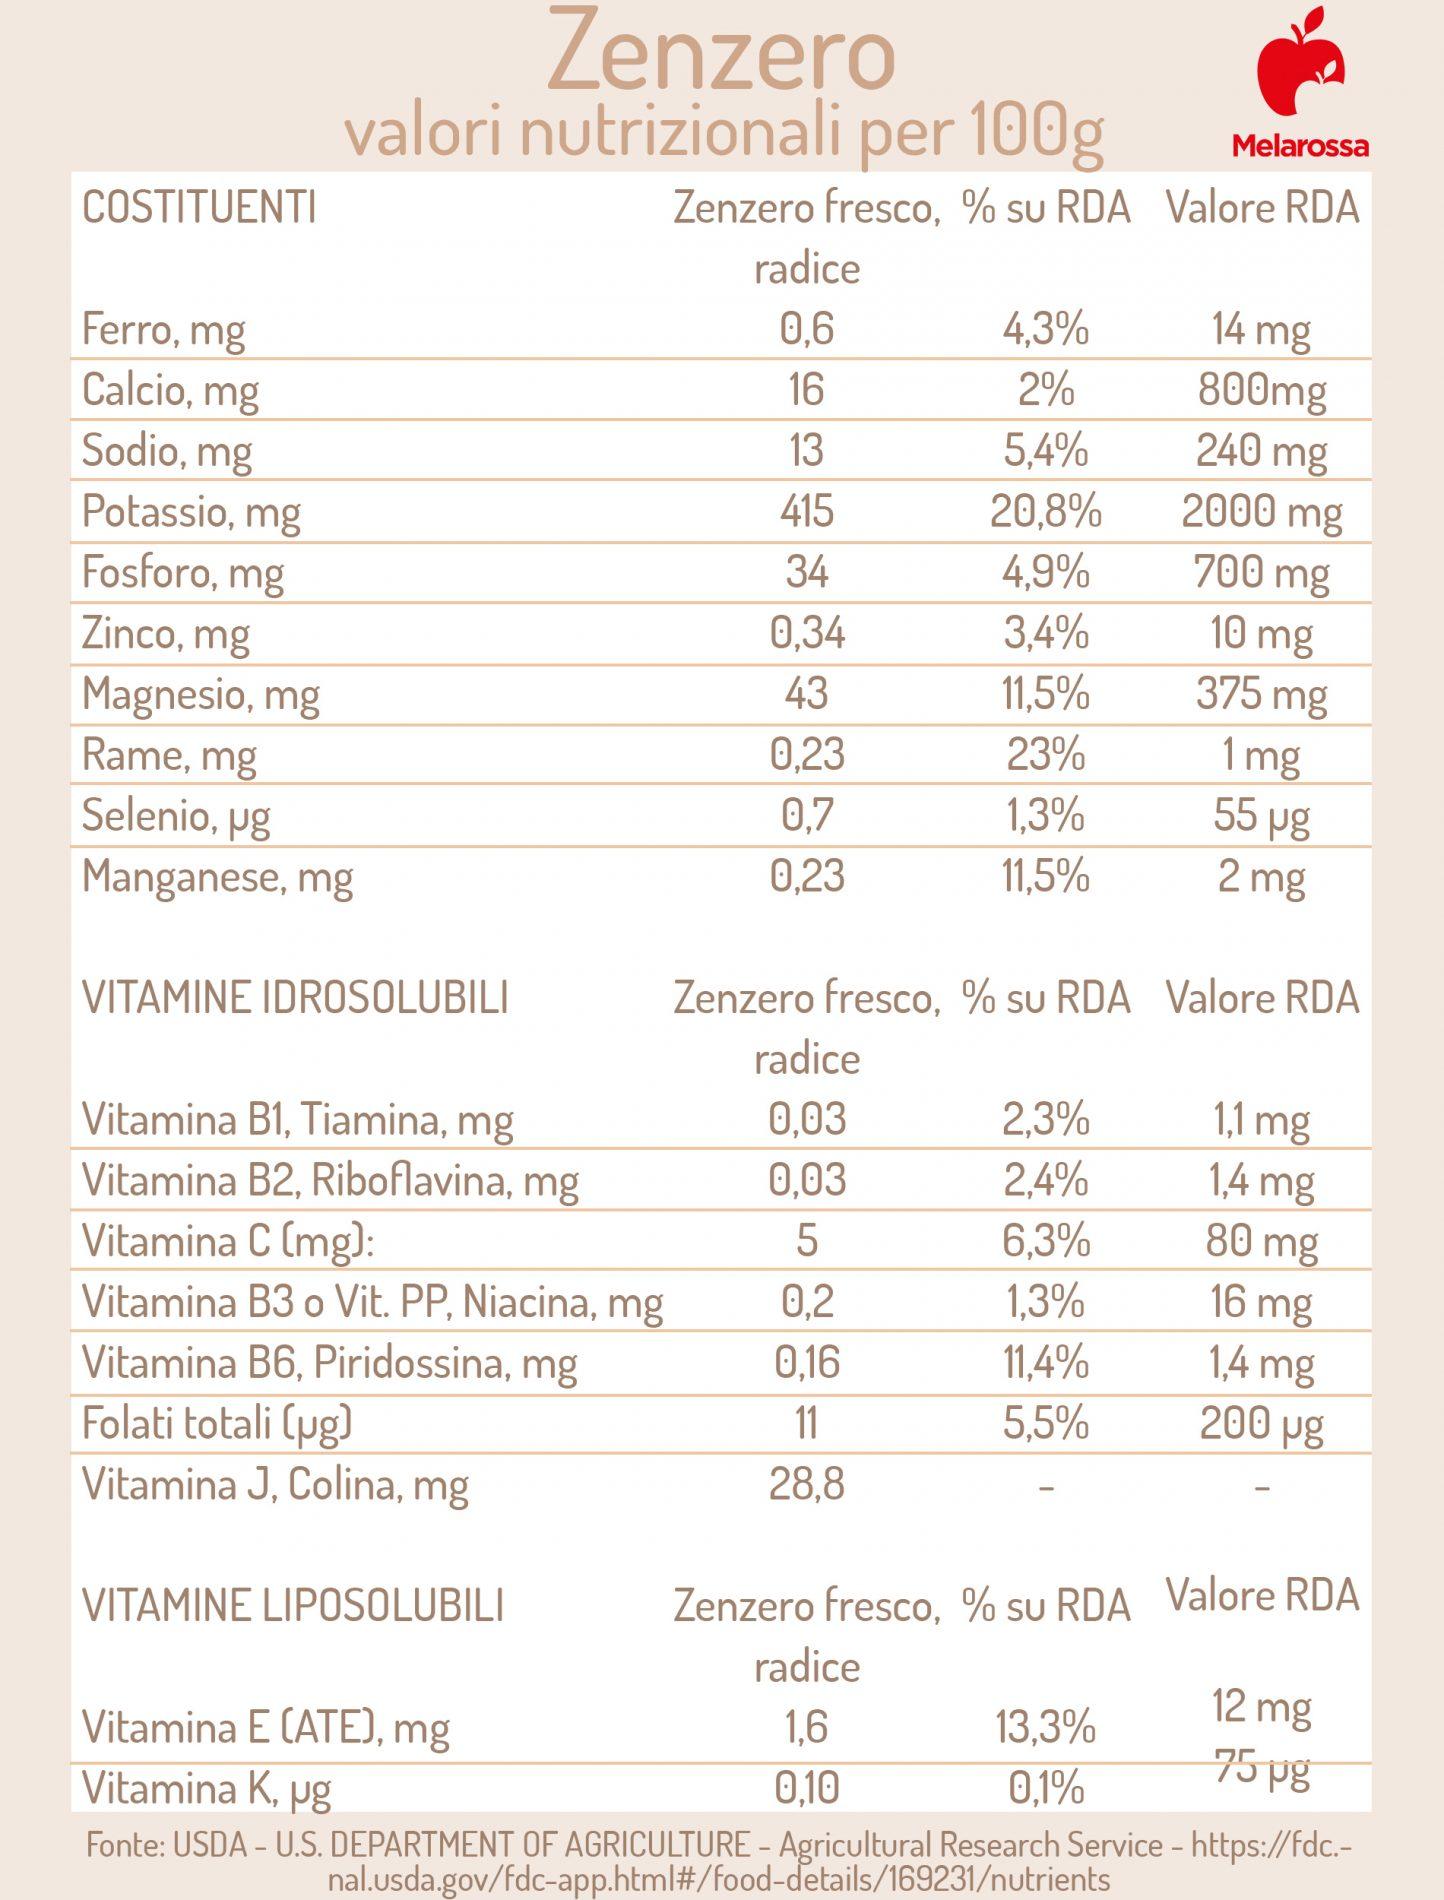 Zenzero: tabella valori nutrizionali